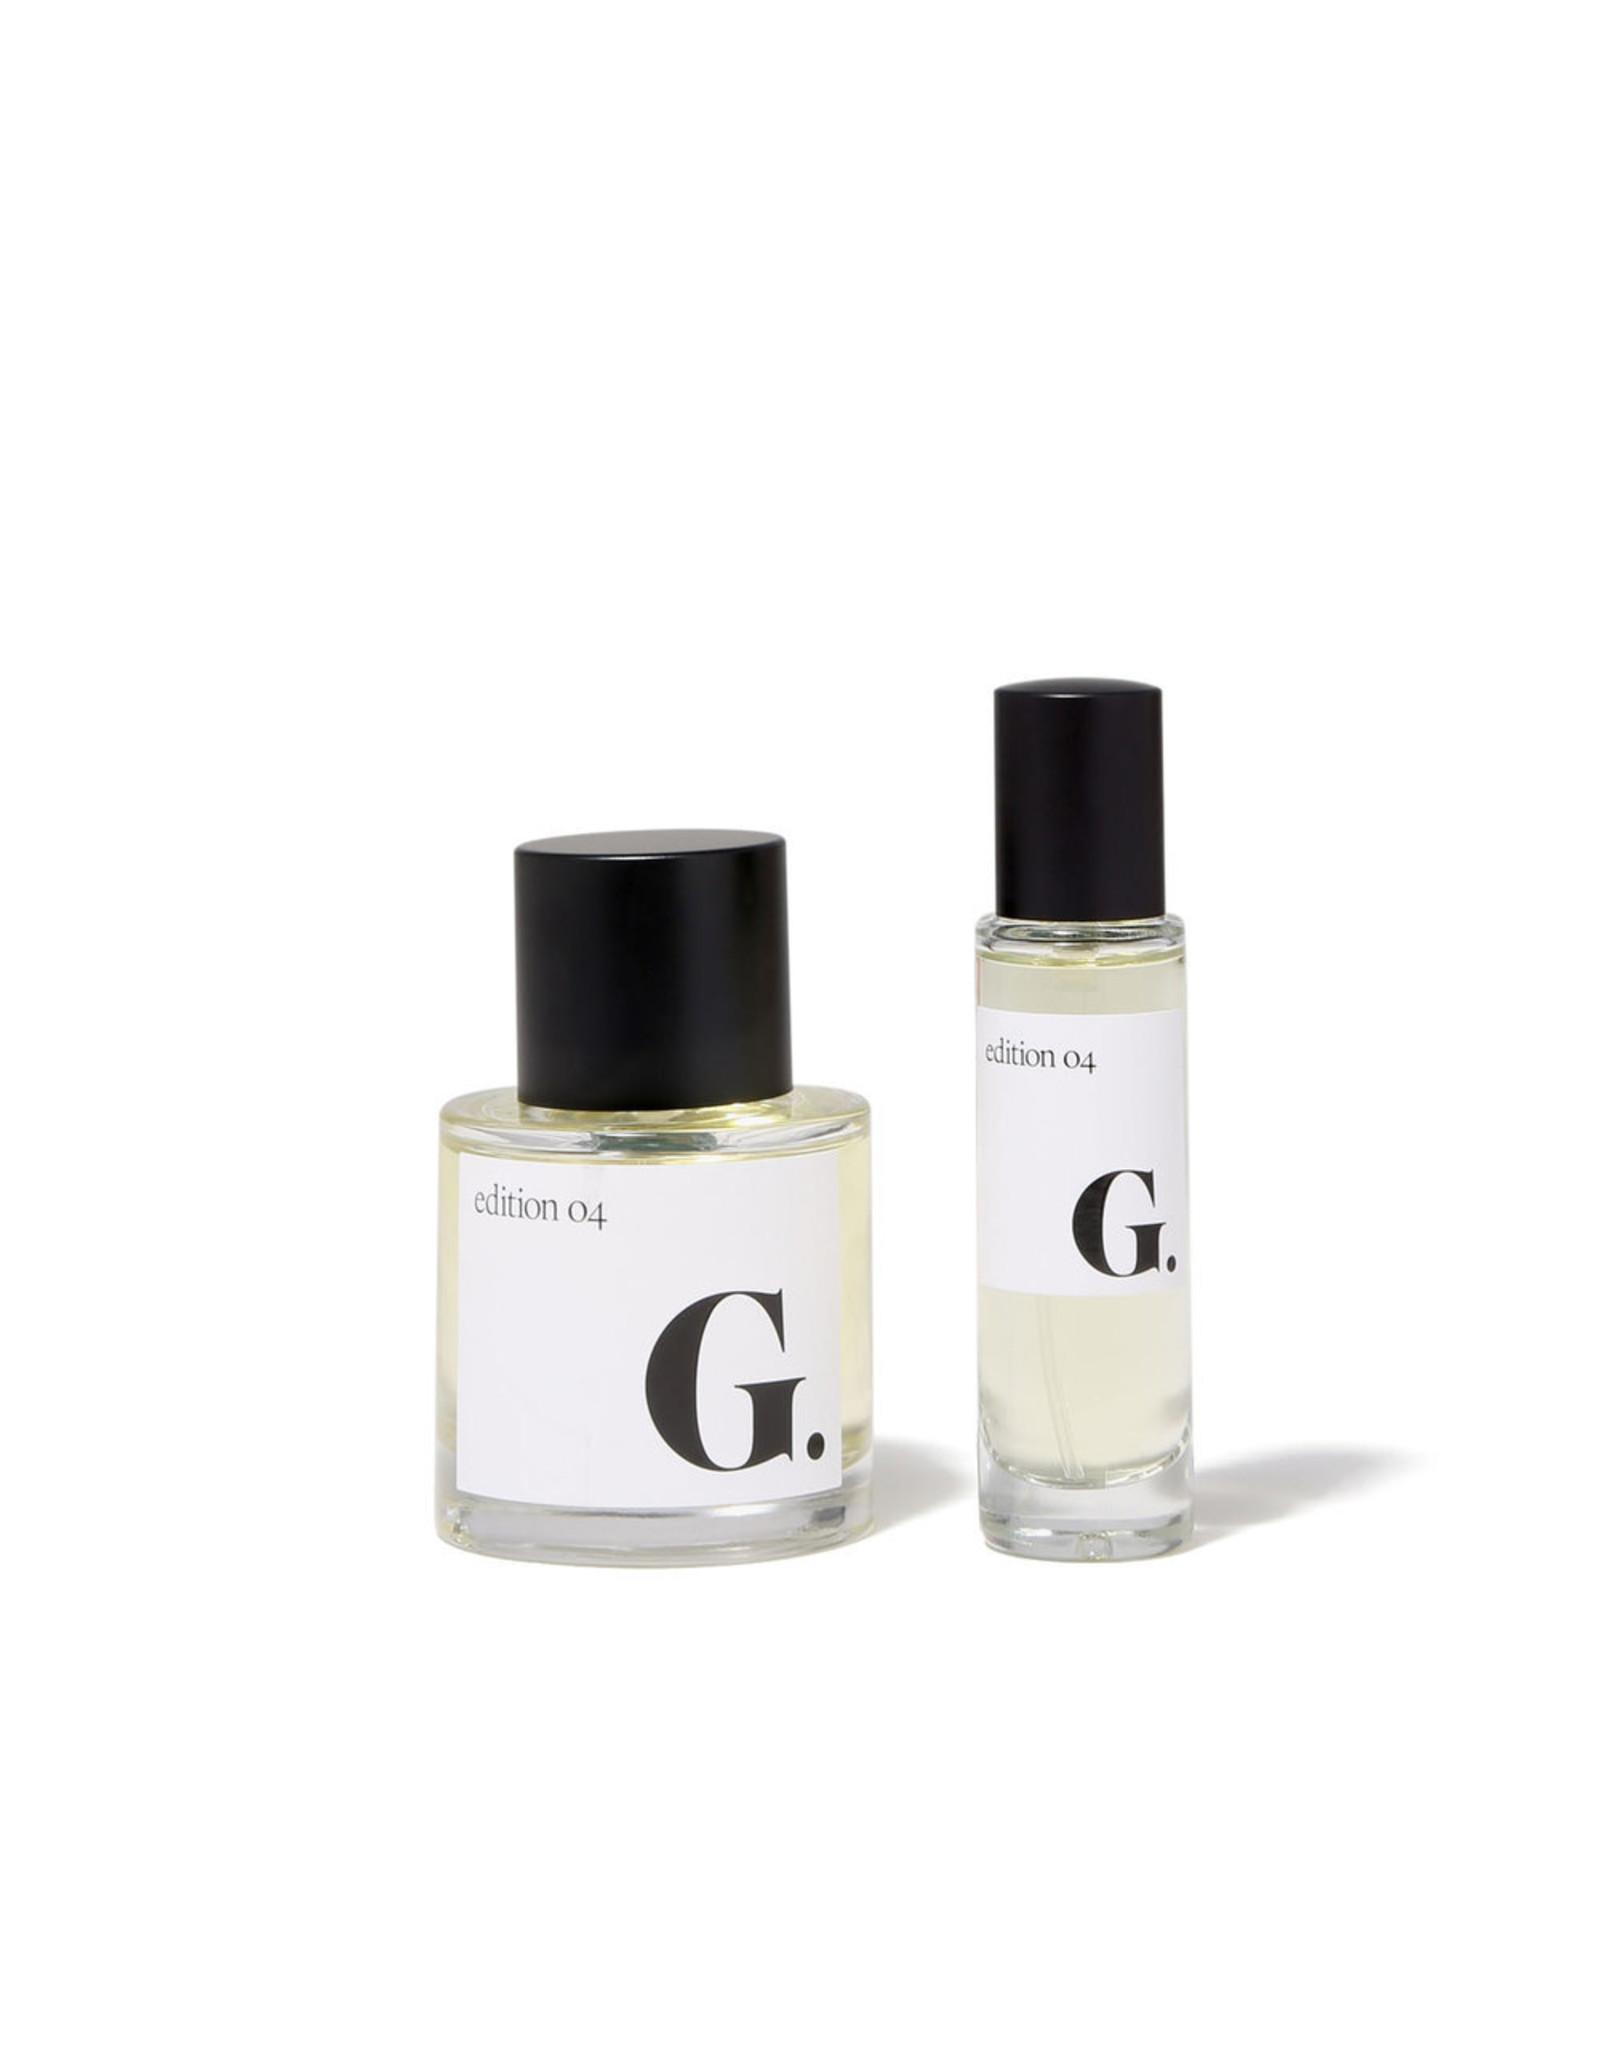 goop Beauty goop Beauty Eau De Parfum: Edition 04 - Orchard - 1.7 fl oz